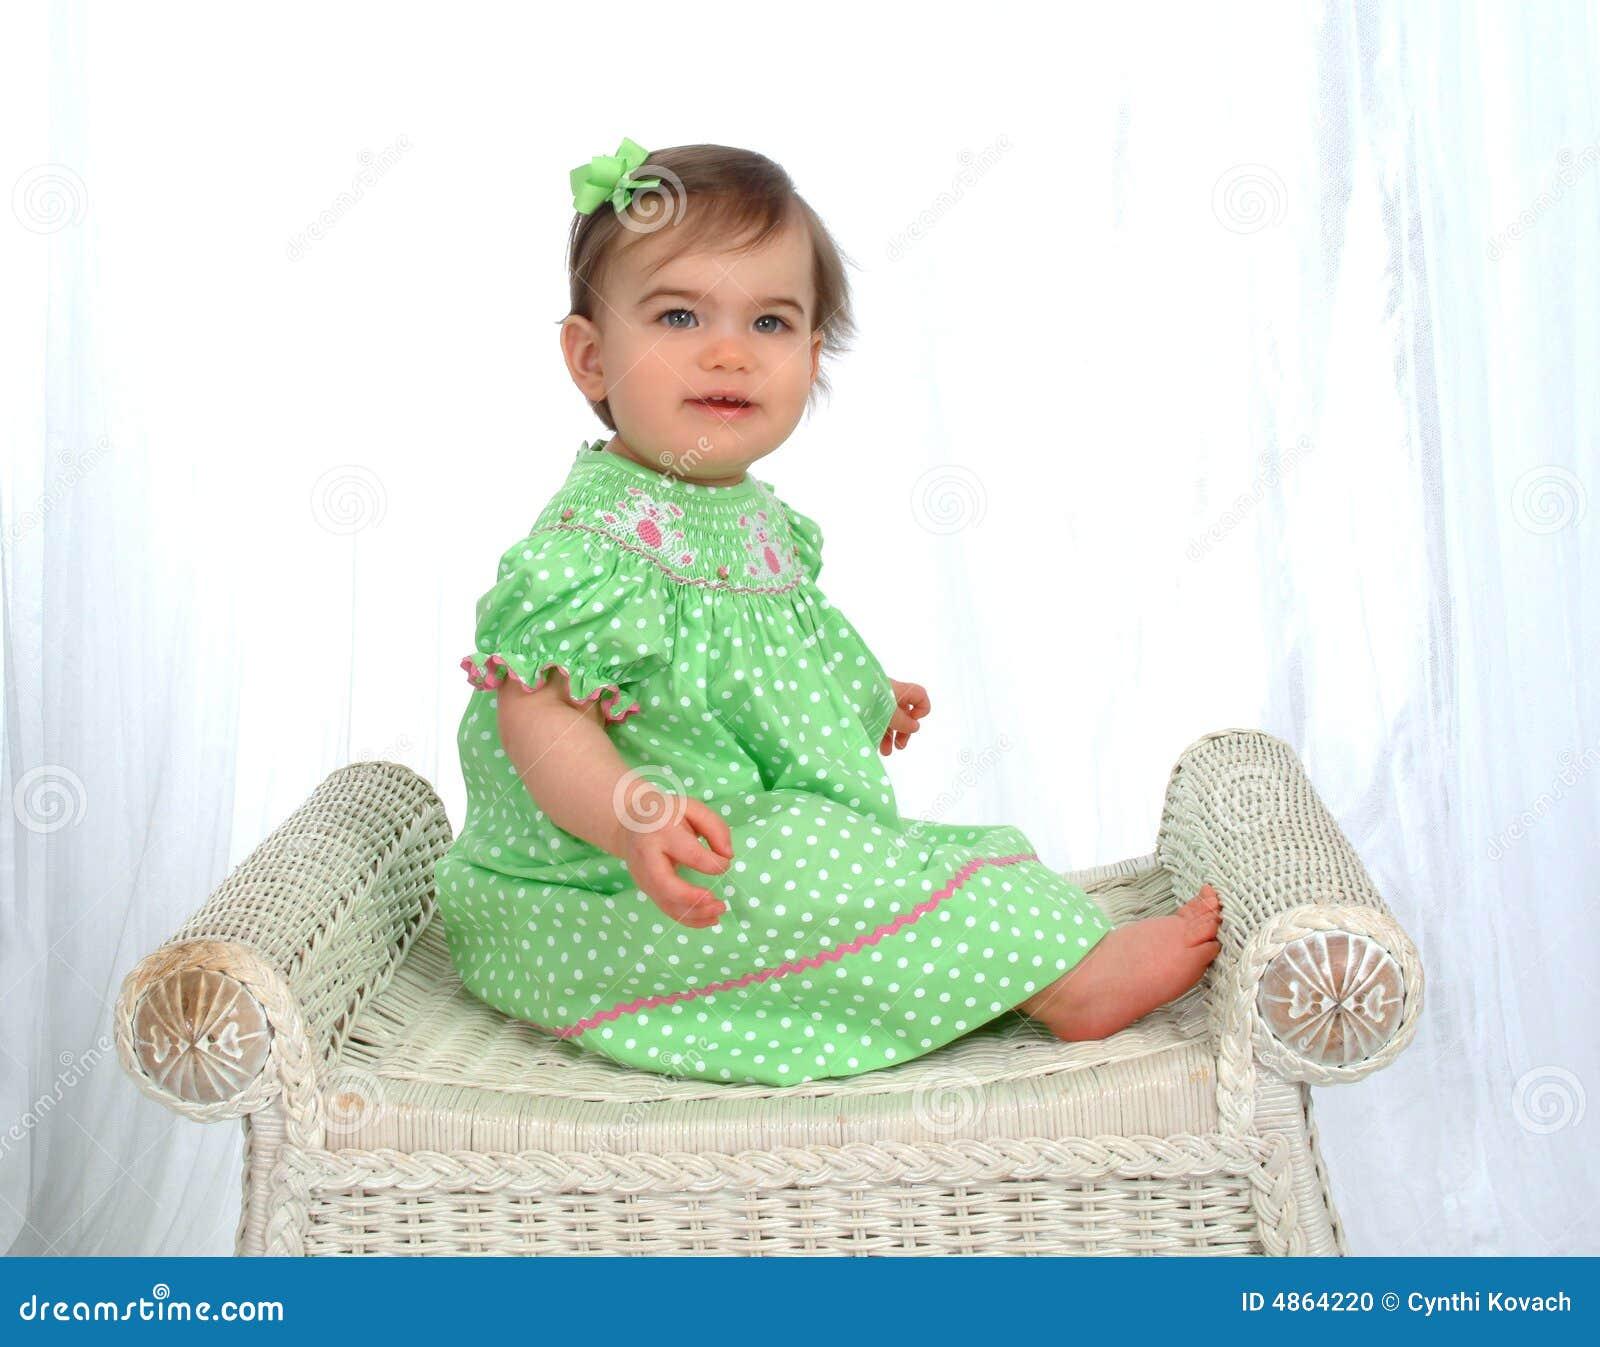 FLOWER GIRL DRESSES; Categories Home; Flower Girl Dresses; Shop by Design; Polka-dot; Polka-dot Baby Polka Dots Mesh Short Fuchsia Dress. $ $ Choose Options. Baby Polka Dots Mesh Short Lavender Dress. Aqua Polka Dot Dress .